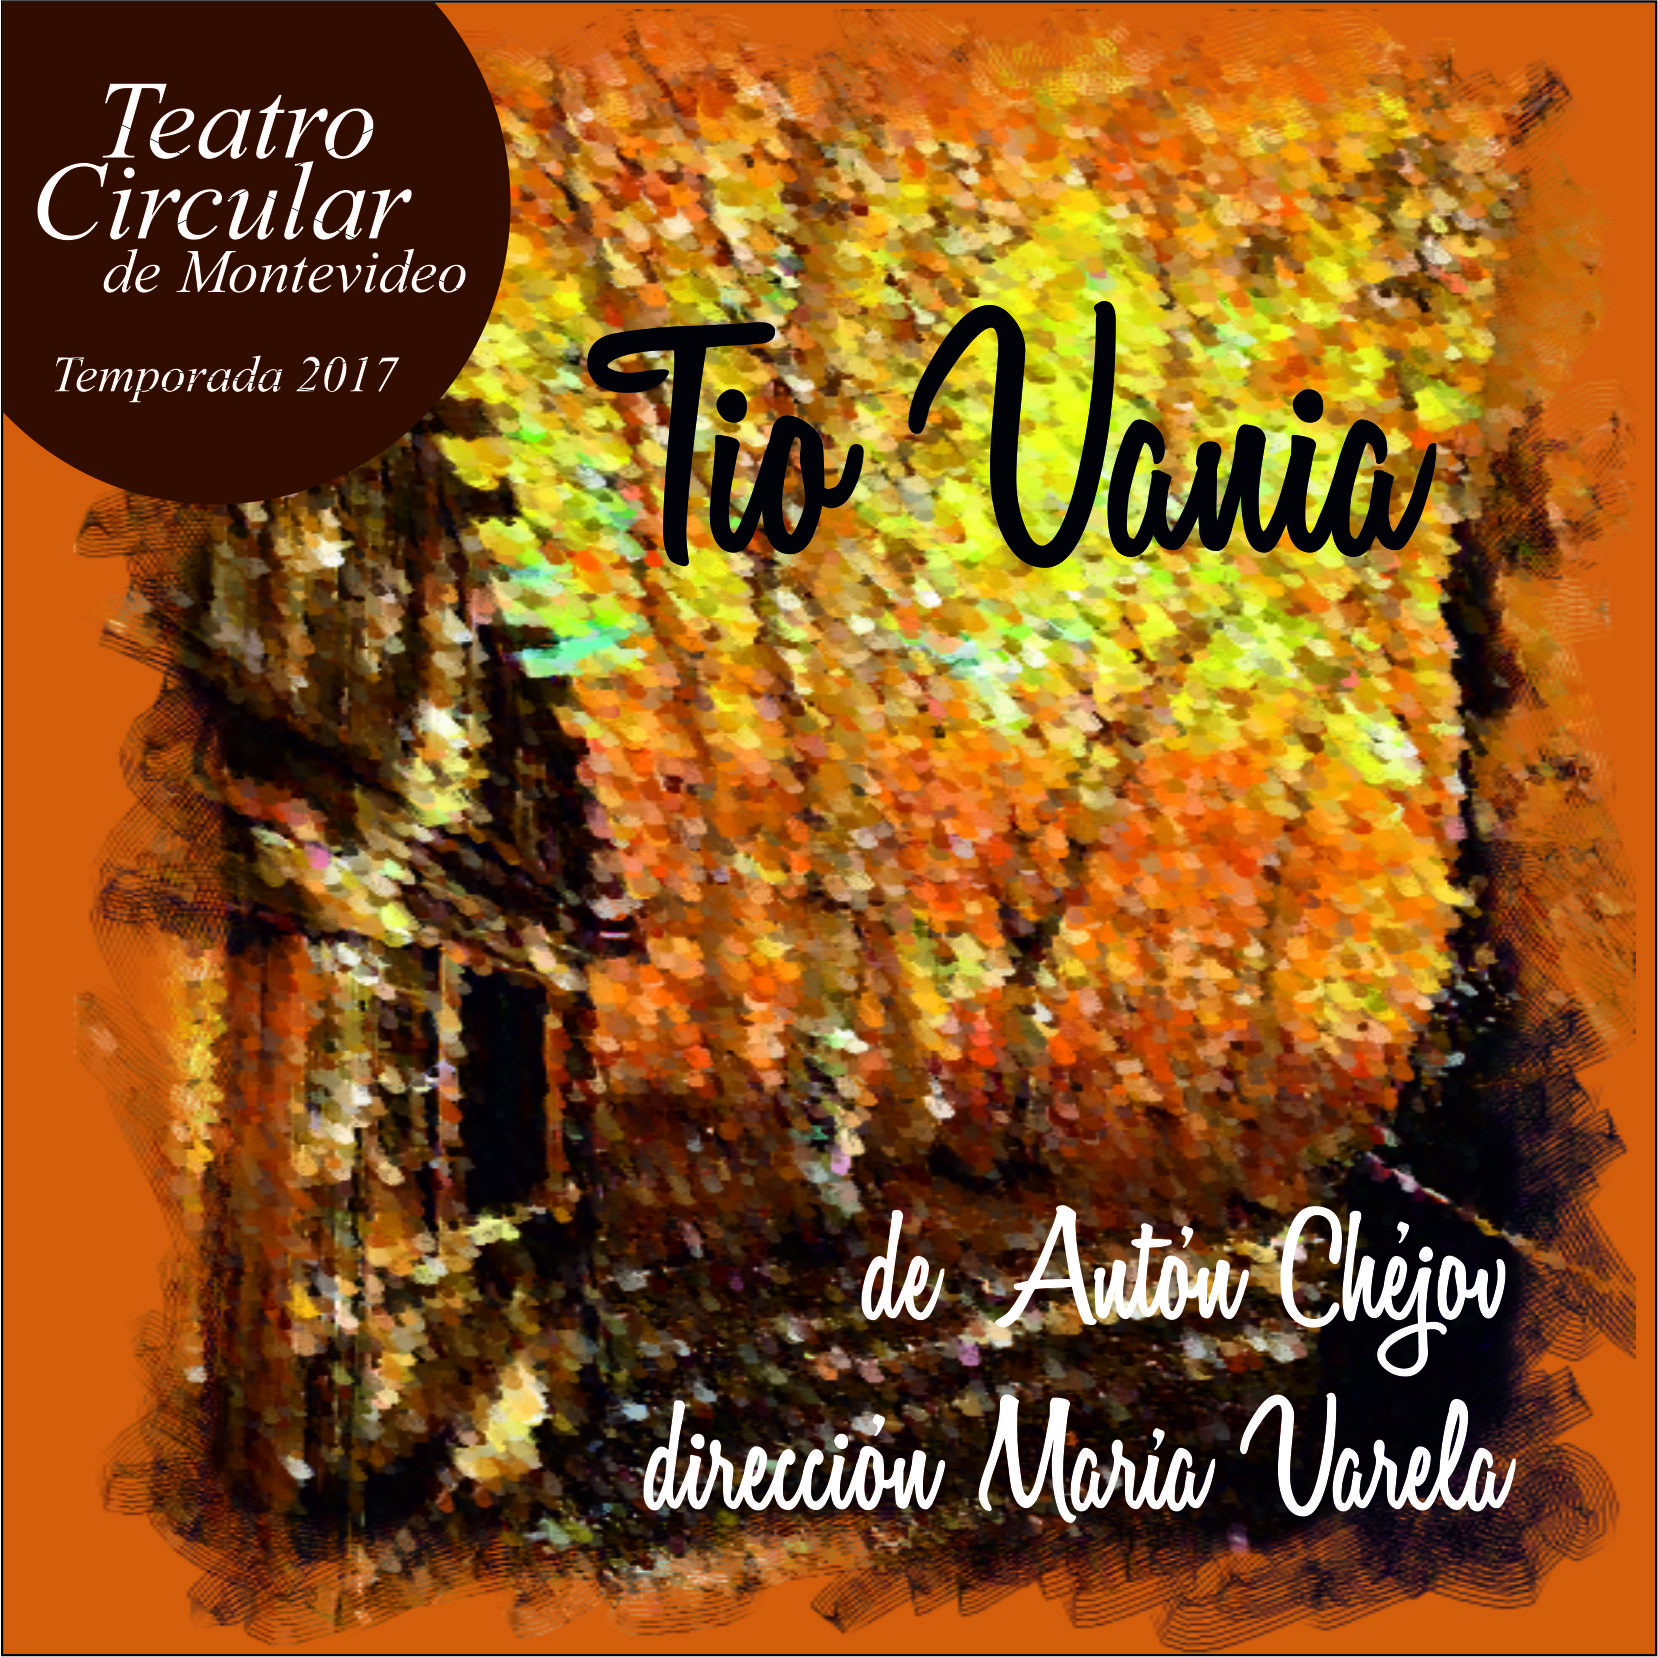 Tio Vania